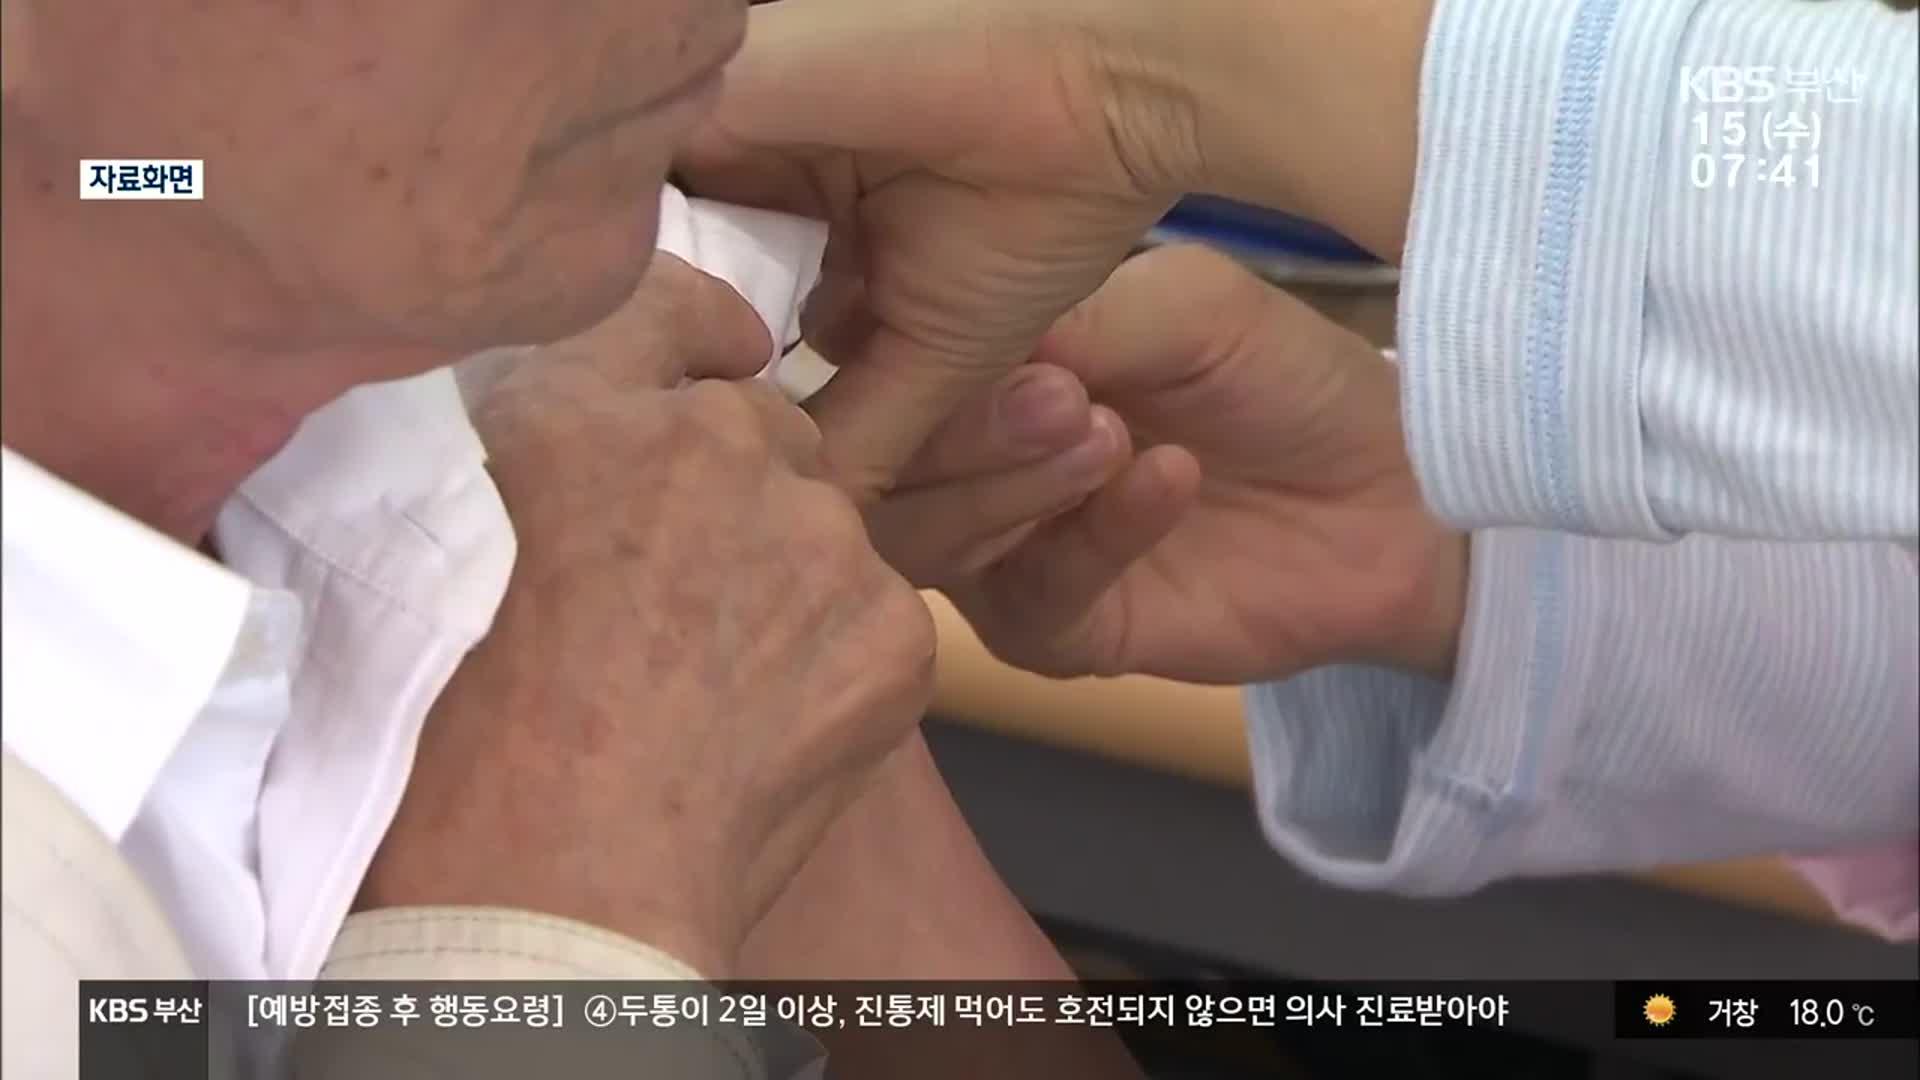 [정보] 독감백신 무료예약 정보공유